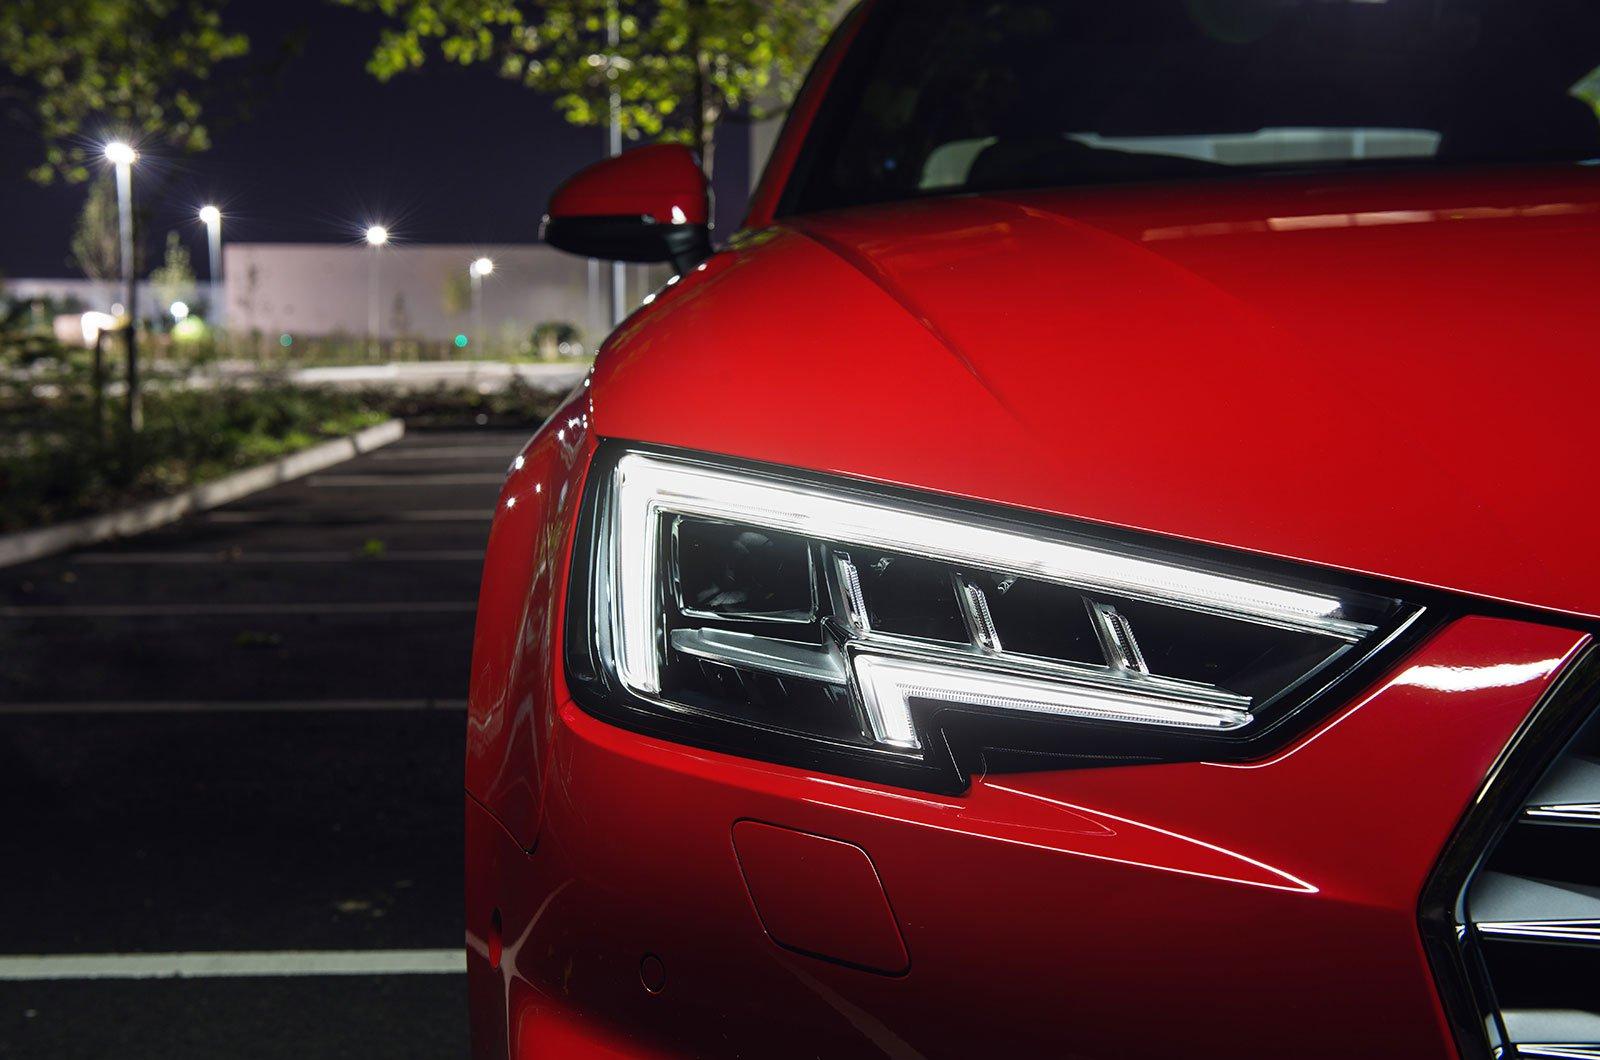 Audi A4 LED lights